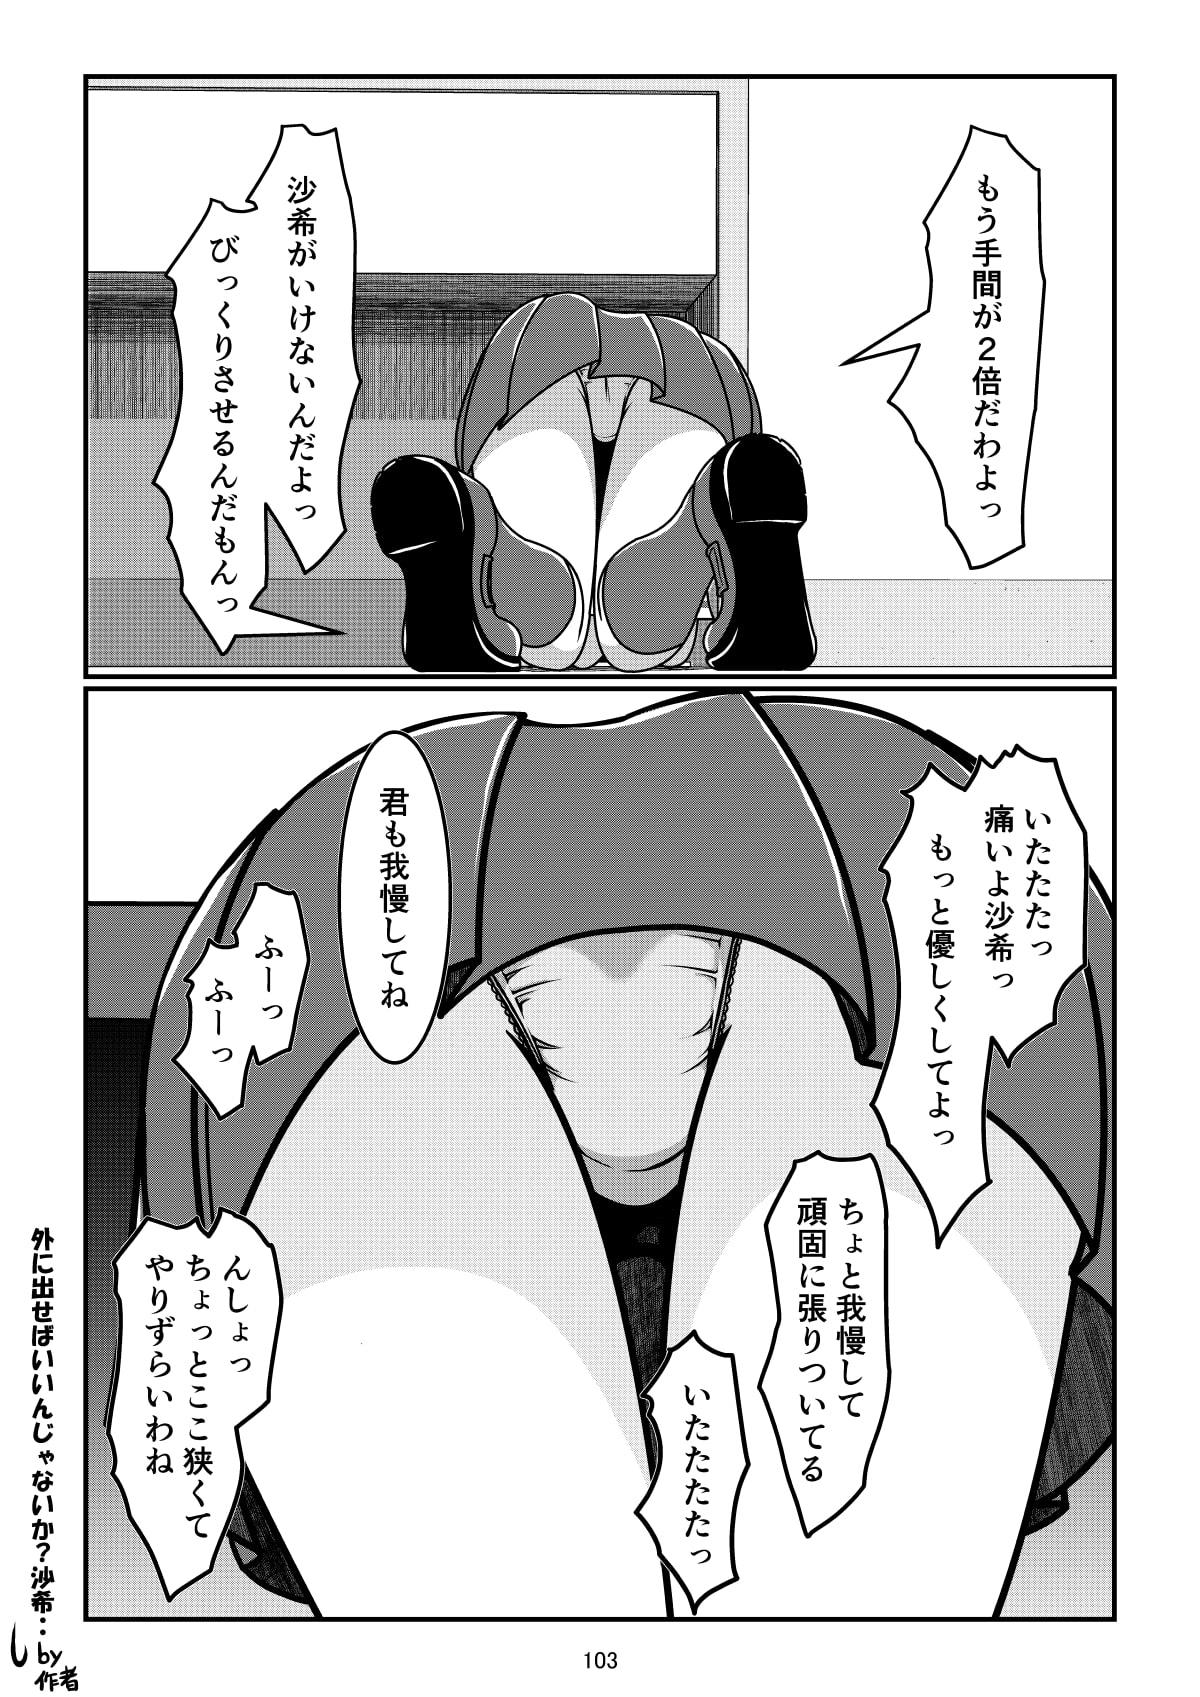 スプラッシュ2前編